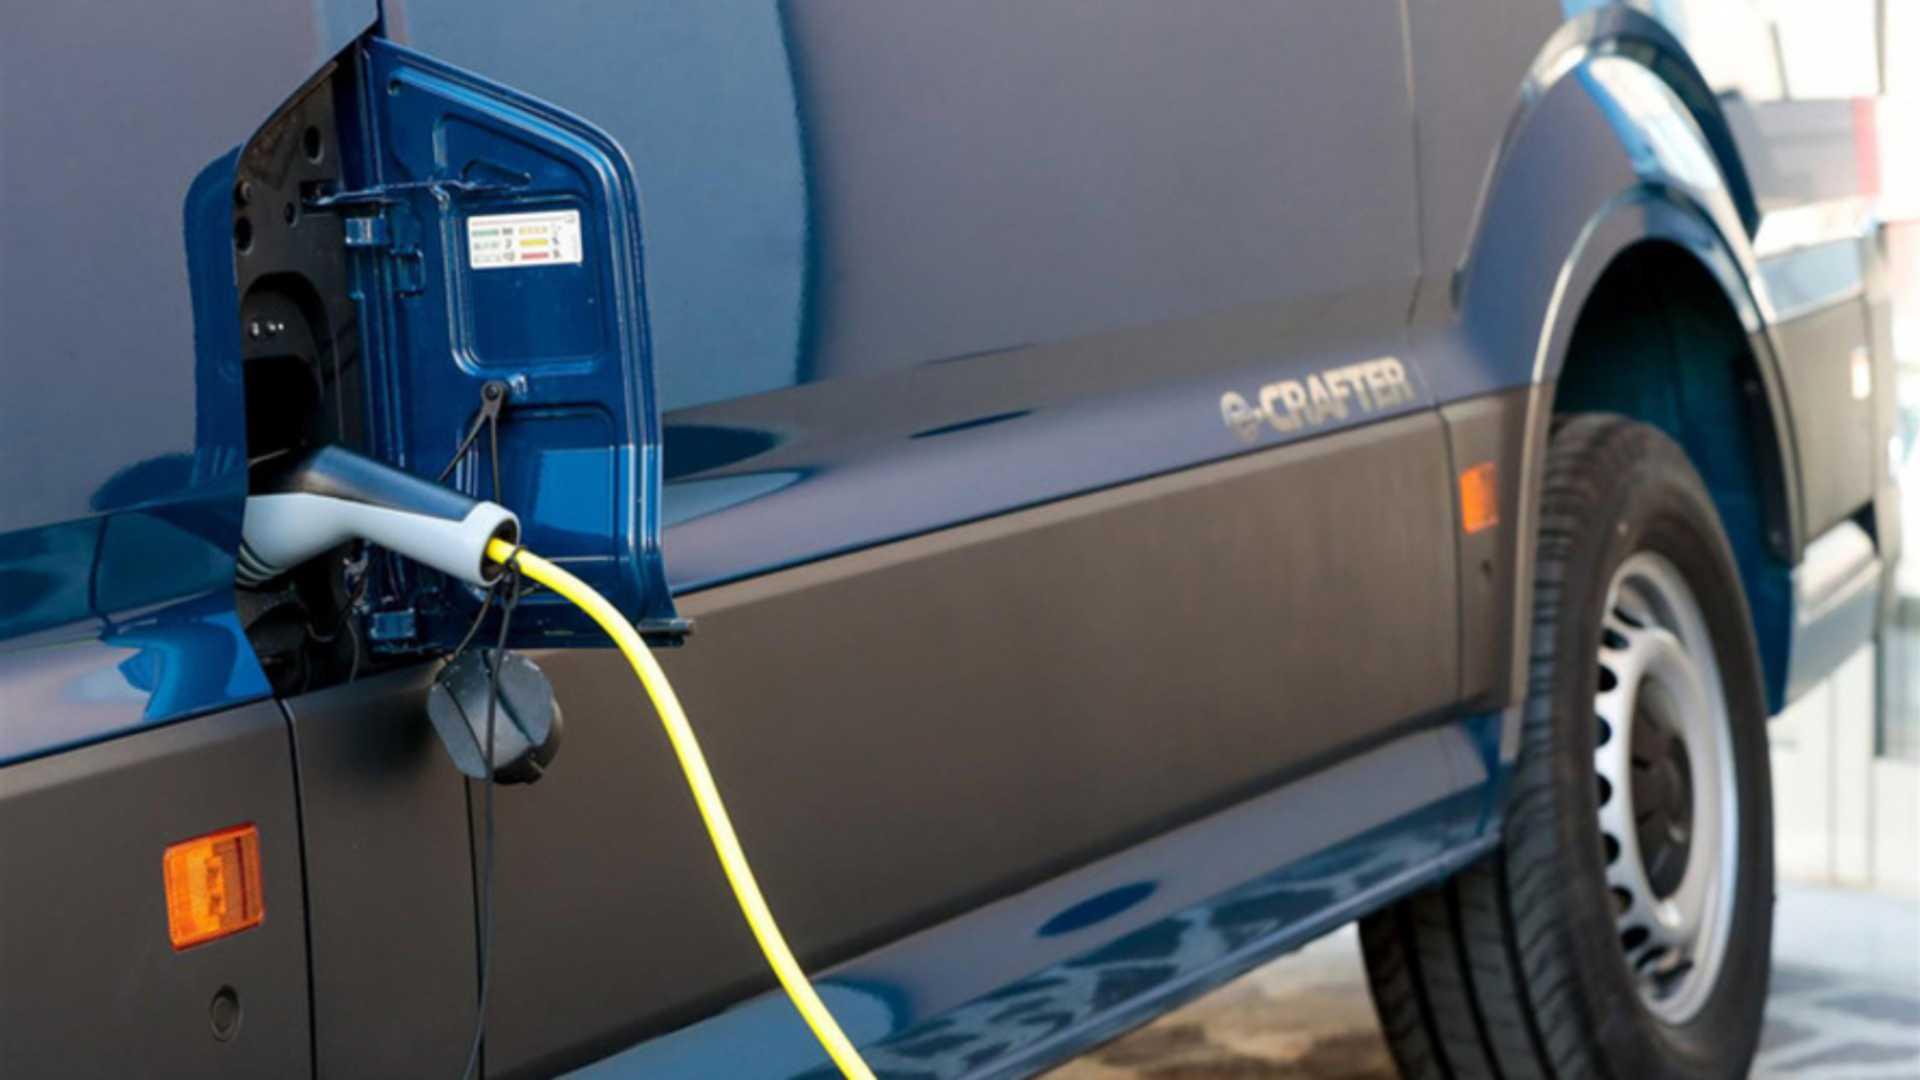 Furgone elettrico contro termico, la parità di costo è vicina.